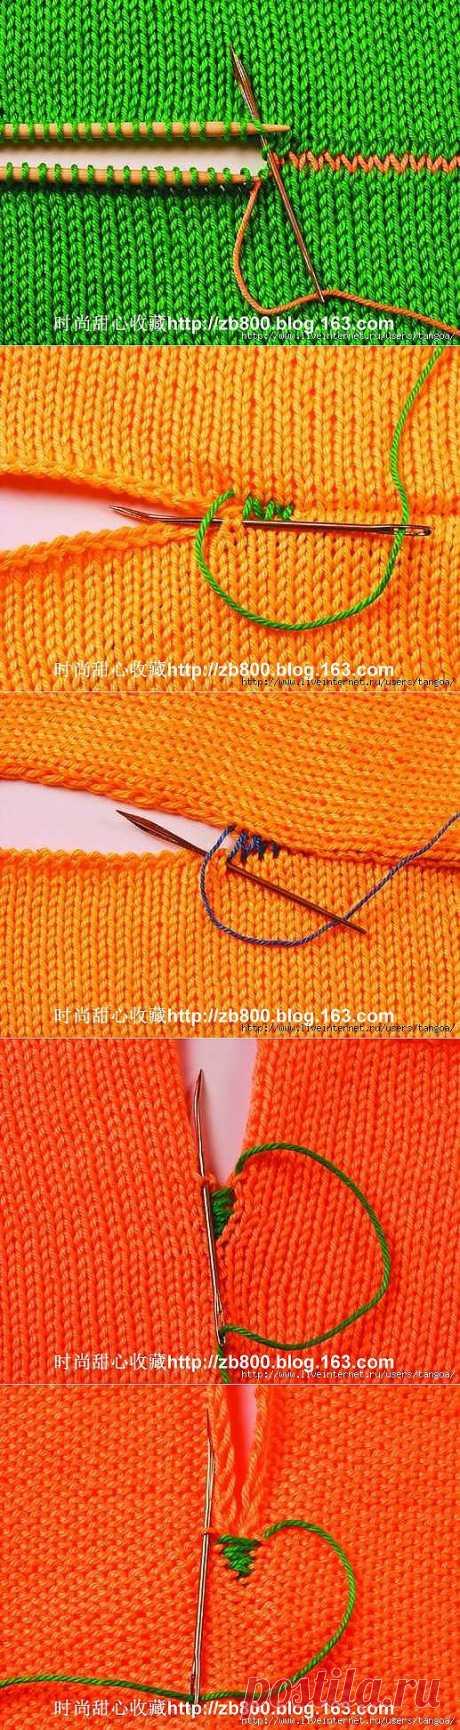 Клад для вязальщицы- все виды соединения трикотажных деталей (спицы).